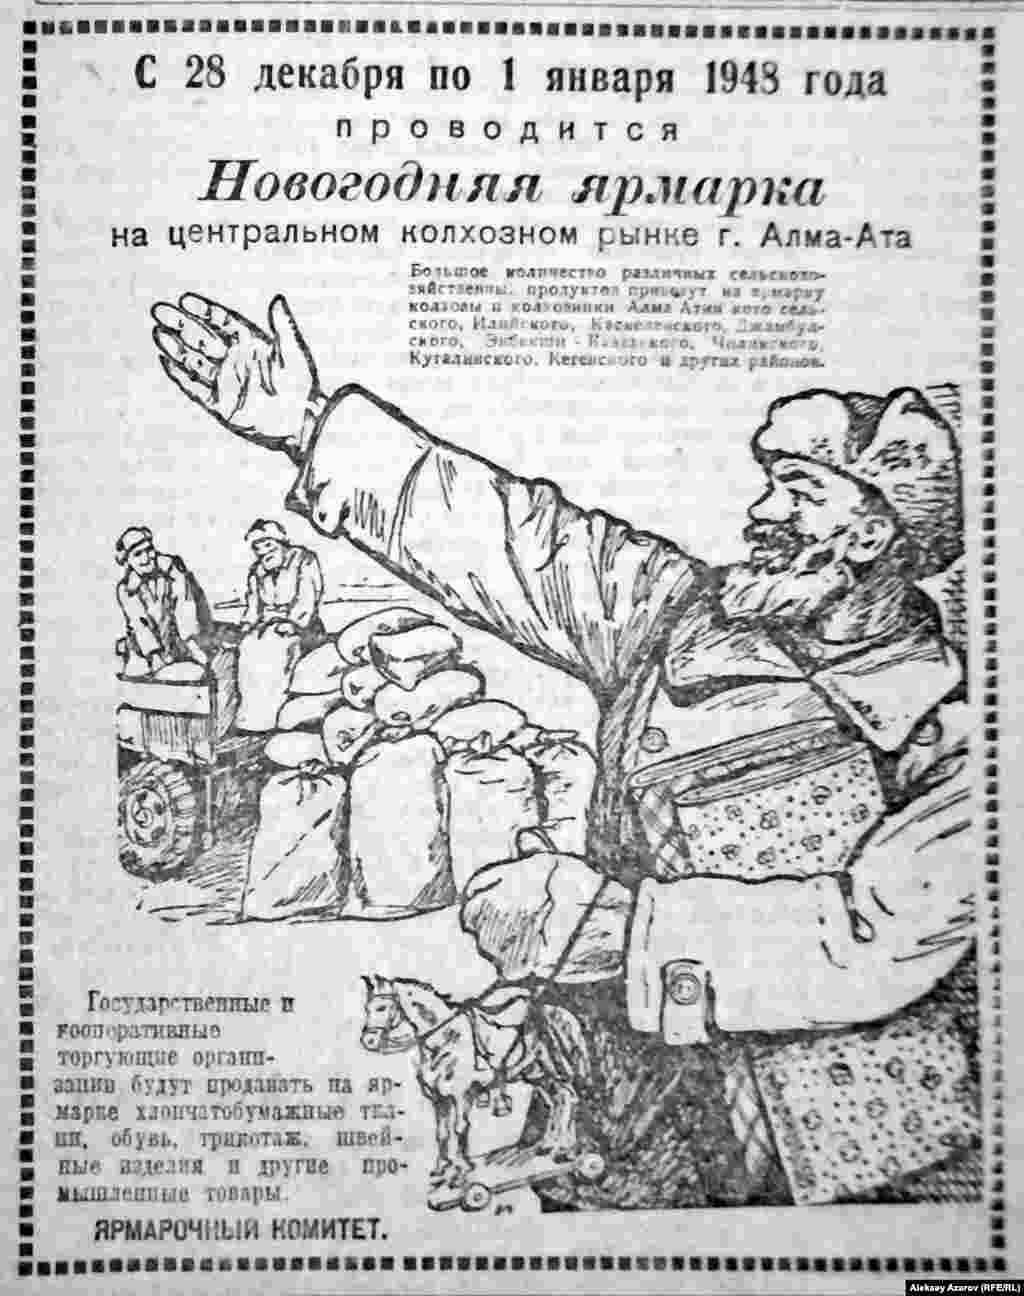 К 1948 году экономические и социальные последствия войны постепенно преодолевались. Свидетельство этому – отмена в декабре 1947 года карточной системы. Покупательные возможности людей начали расти.